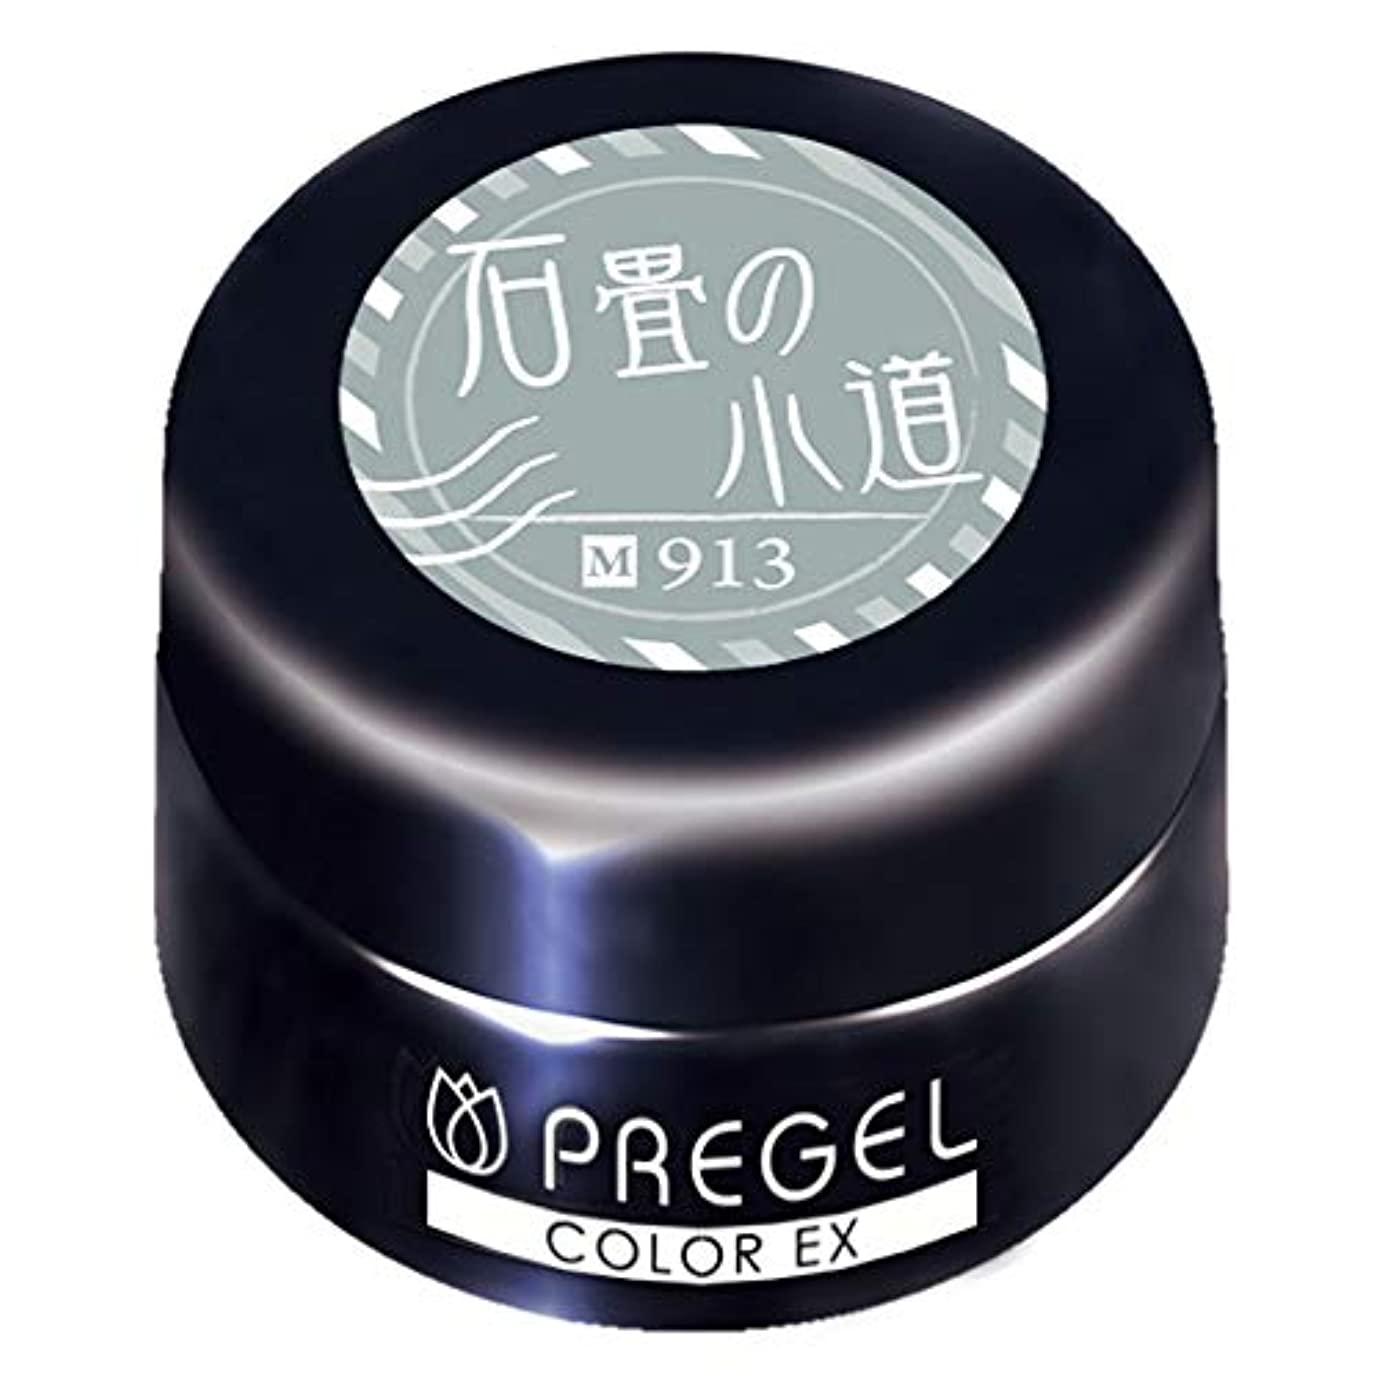 モネプランターうぬぼれたPRE GEL カラーEX 石畳の小道913 3g PG-CE913 UV/LED対応